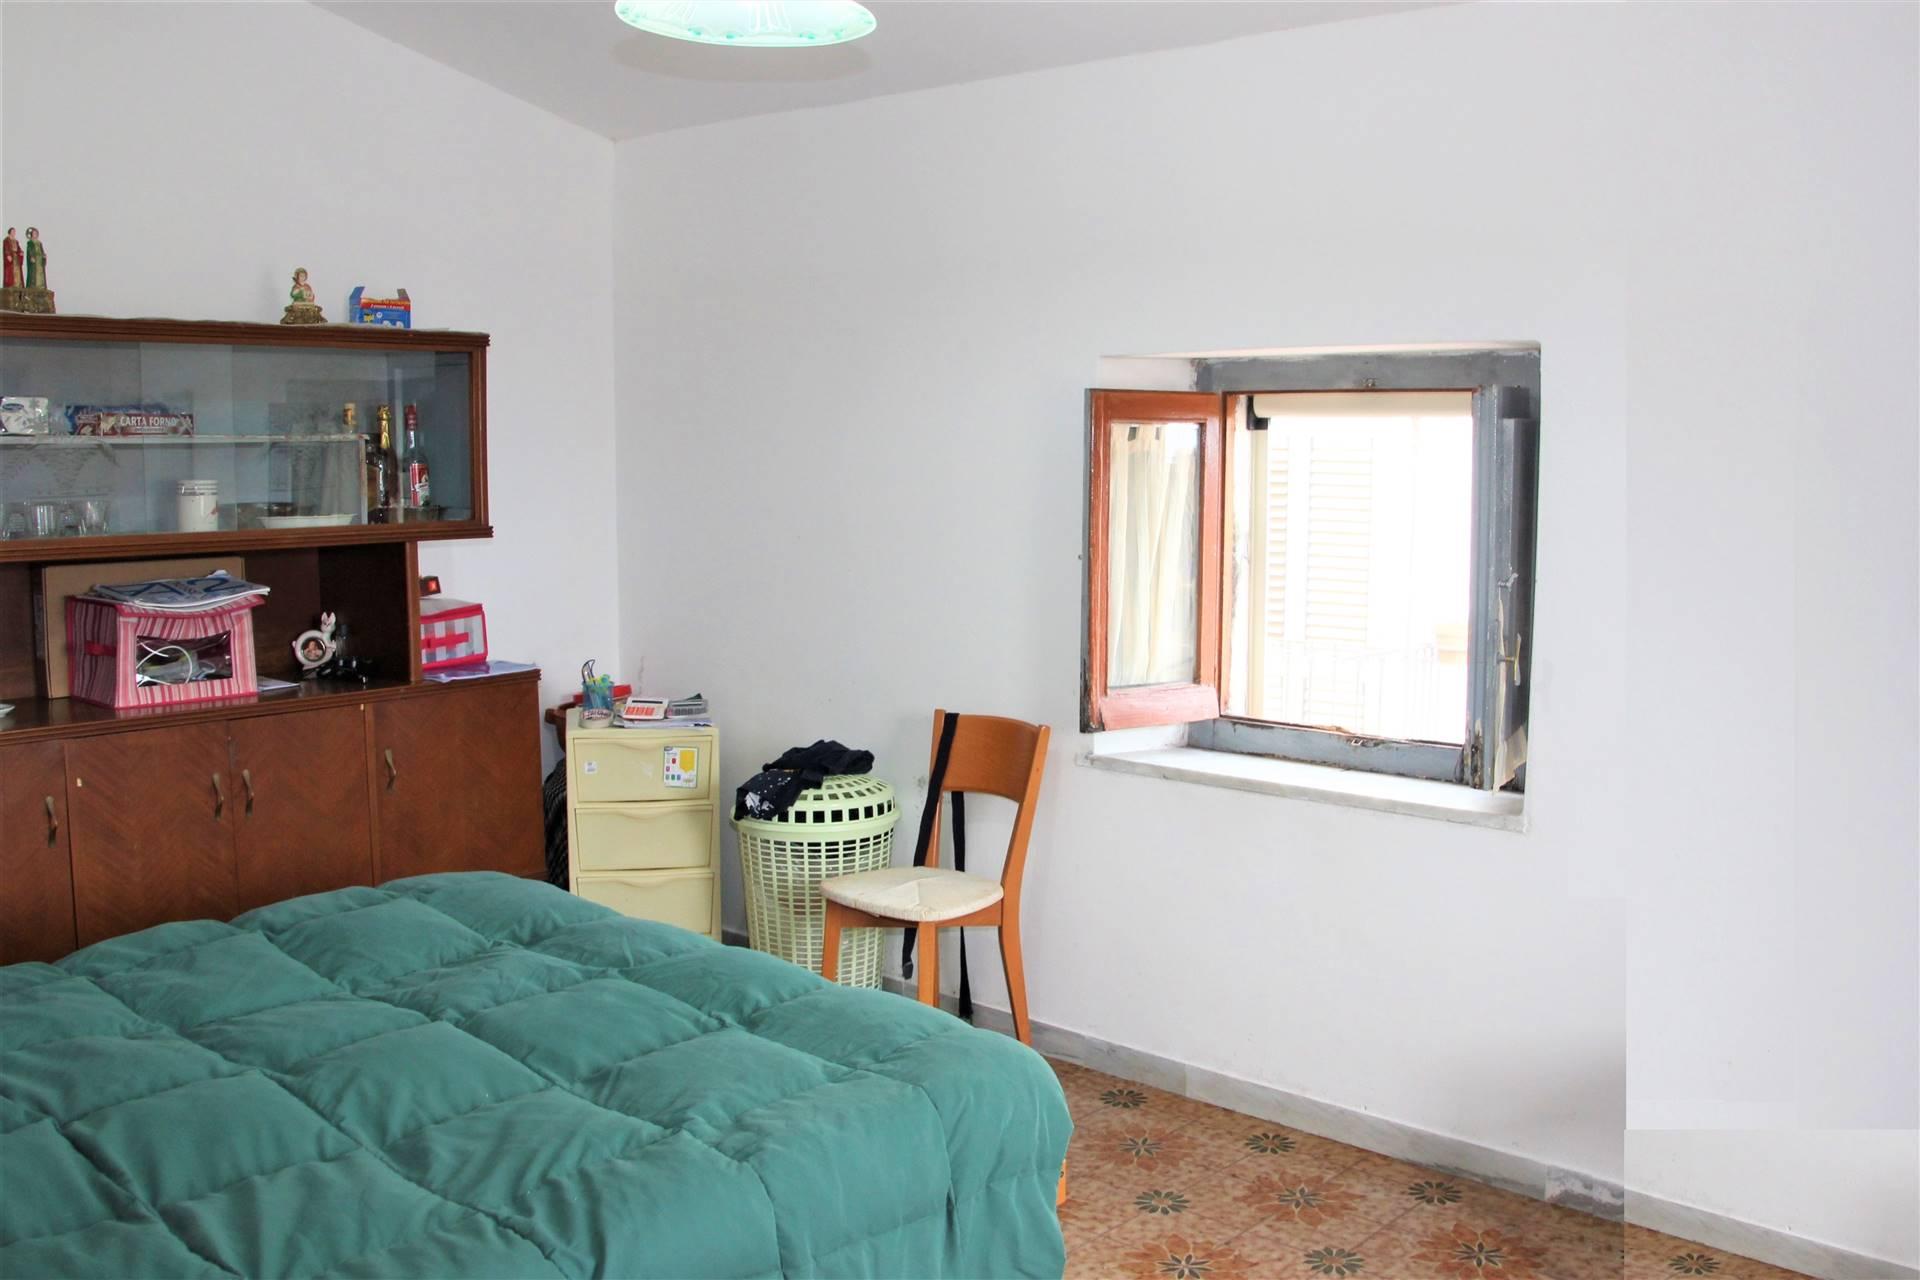 Appartamento Indipendente In Vendita A Montauro Catanzaro Rif Cz506